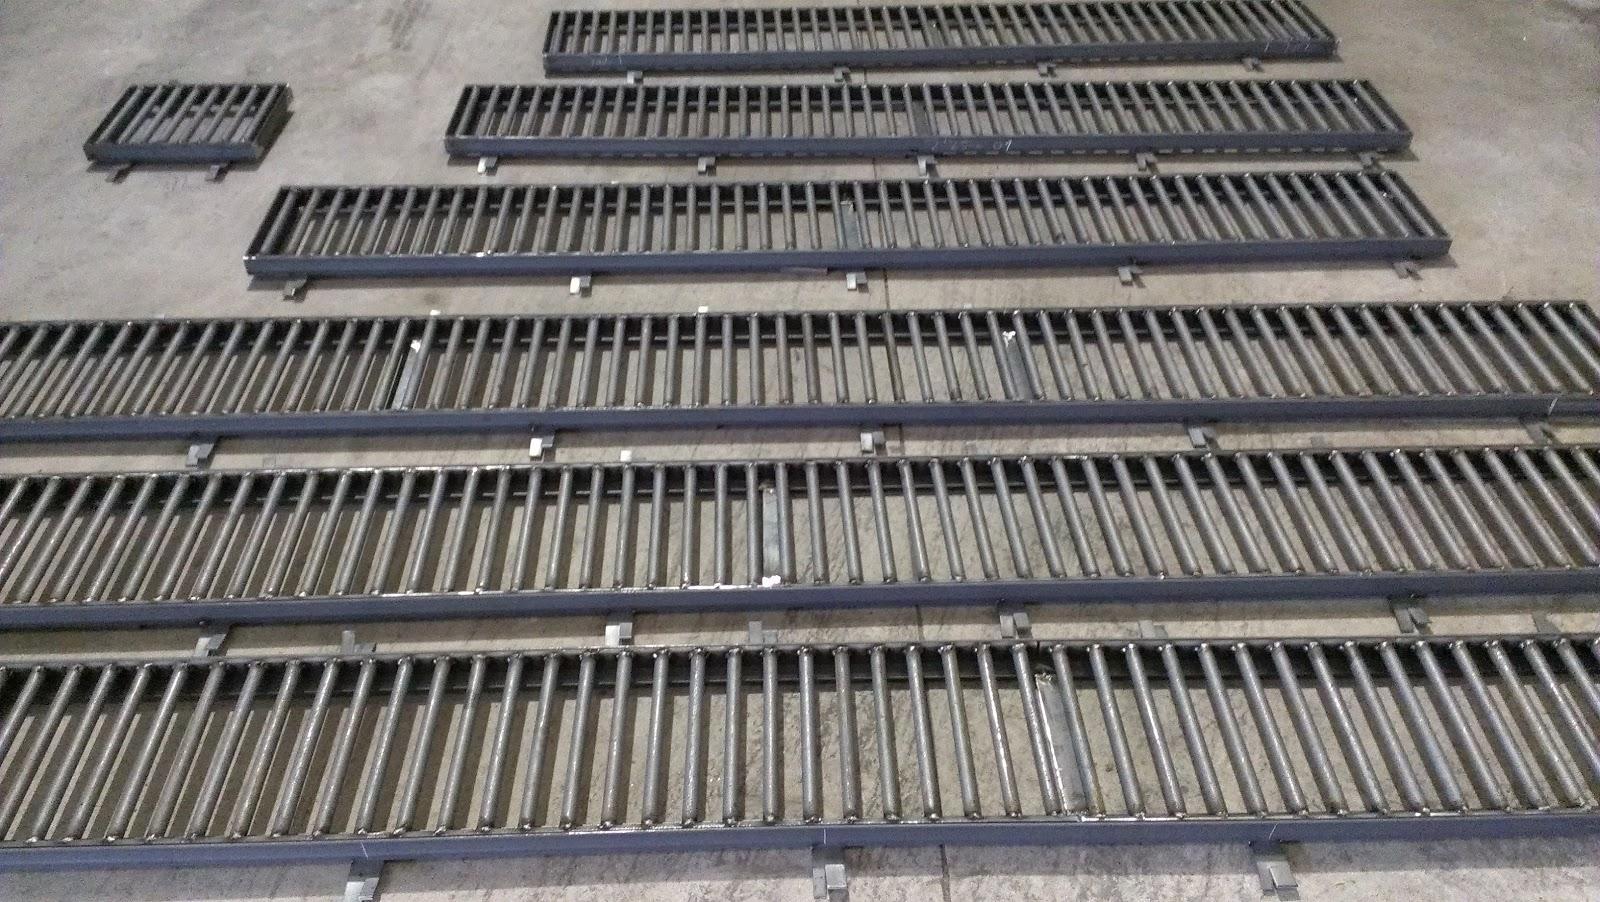 talleres montiel rejillas metalicas sumideros